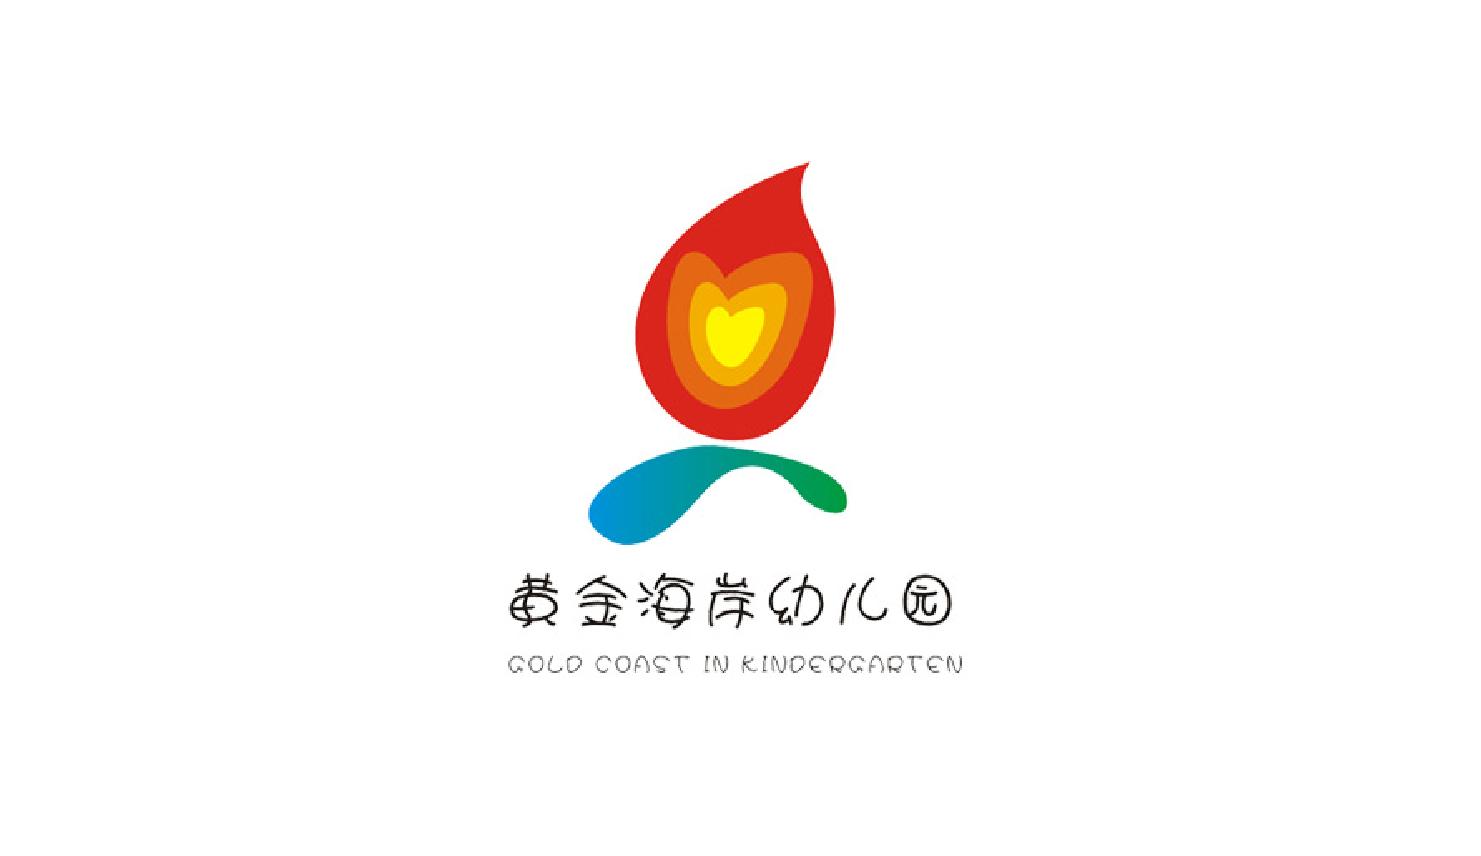 标志设计 打造精品logo